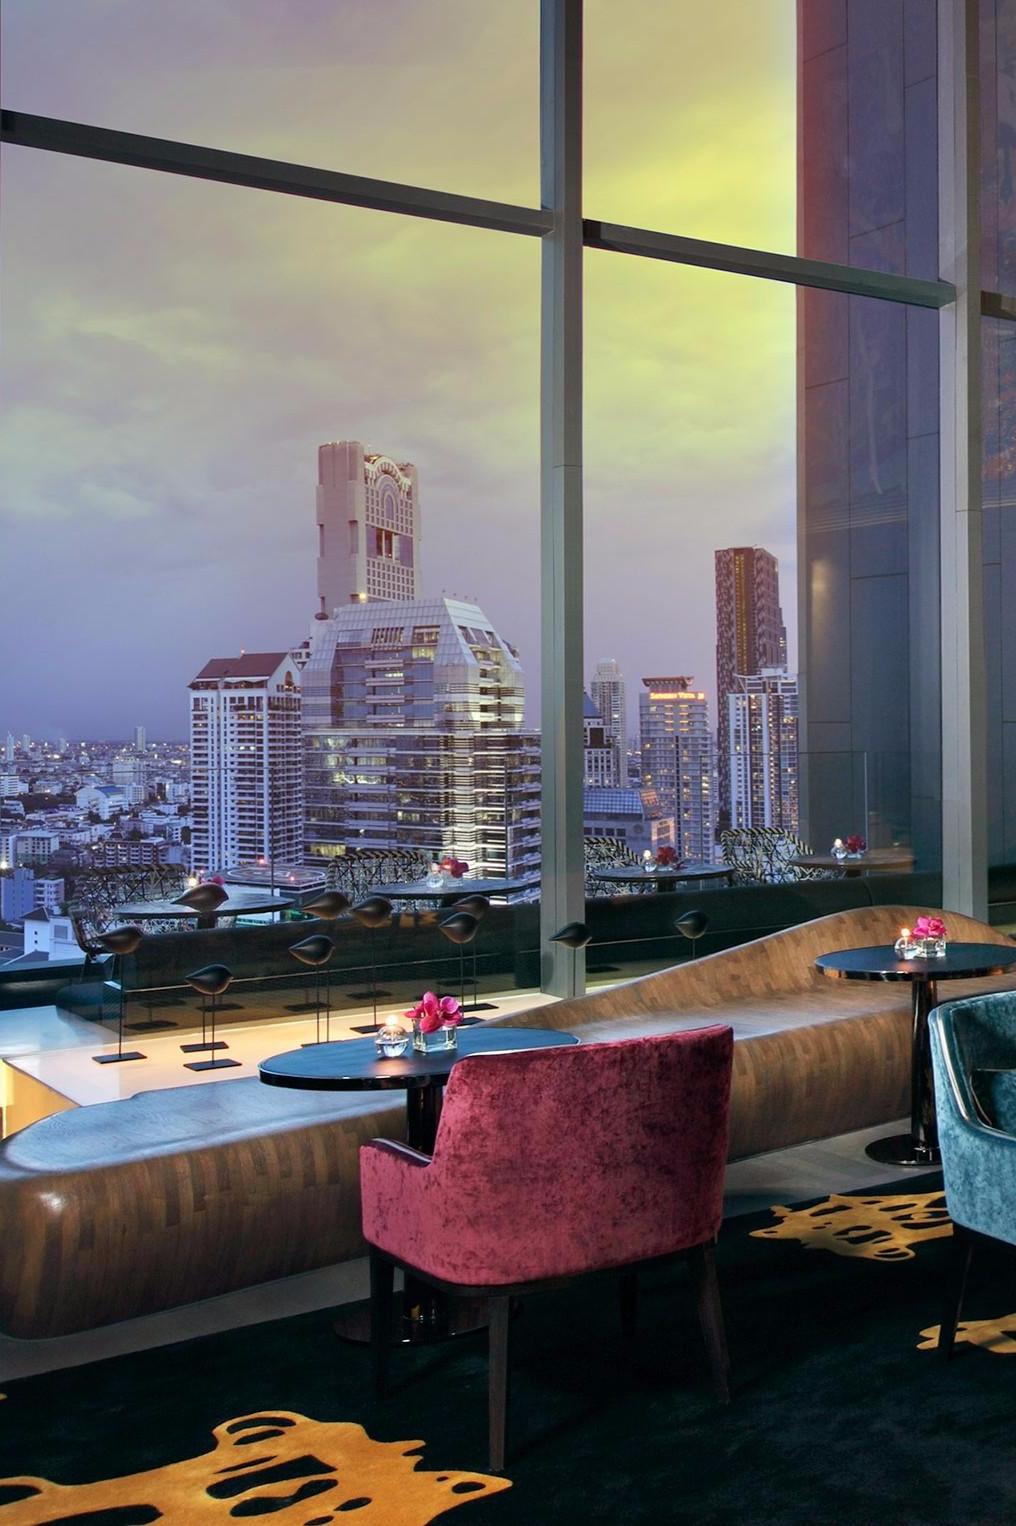 Das wohnzimmer bangkok thailand der park christian lacroix asien snacks lounges schöne leute